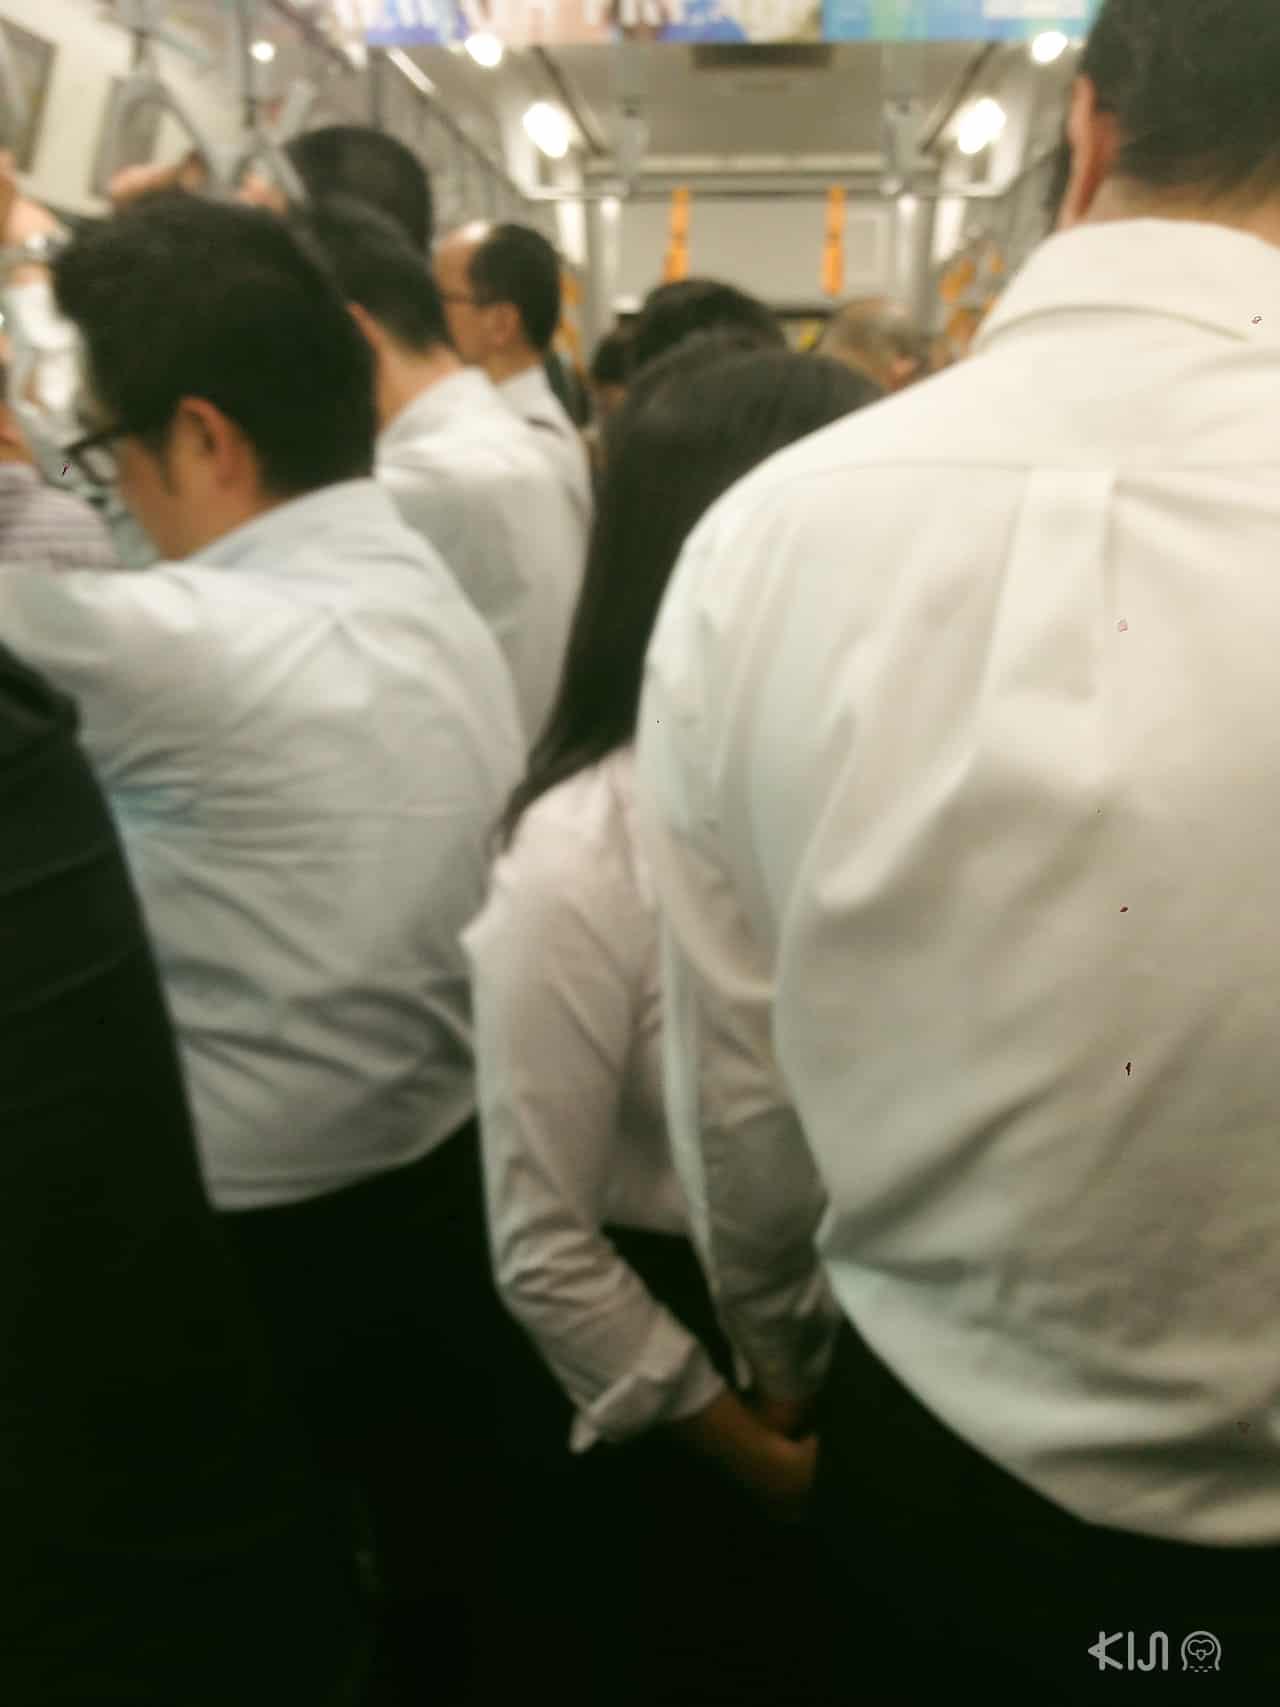 ใน สังคม ที่ ญี่ปุ่น ห้ามคุยเล่นกันบนรถไฟ